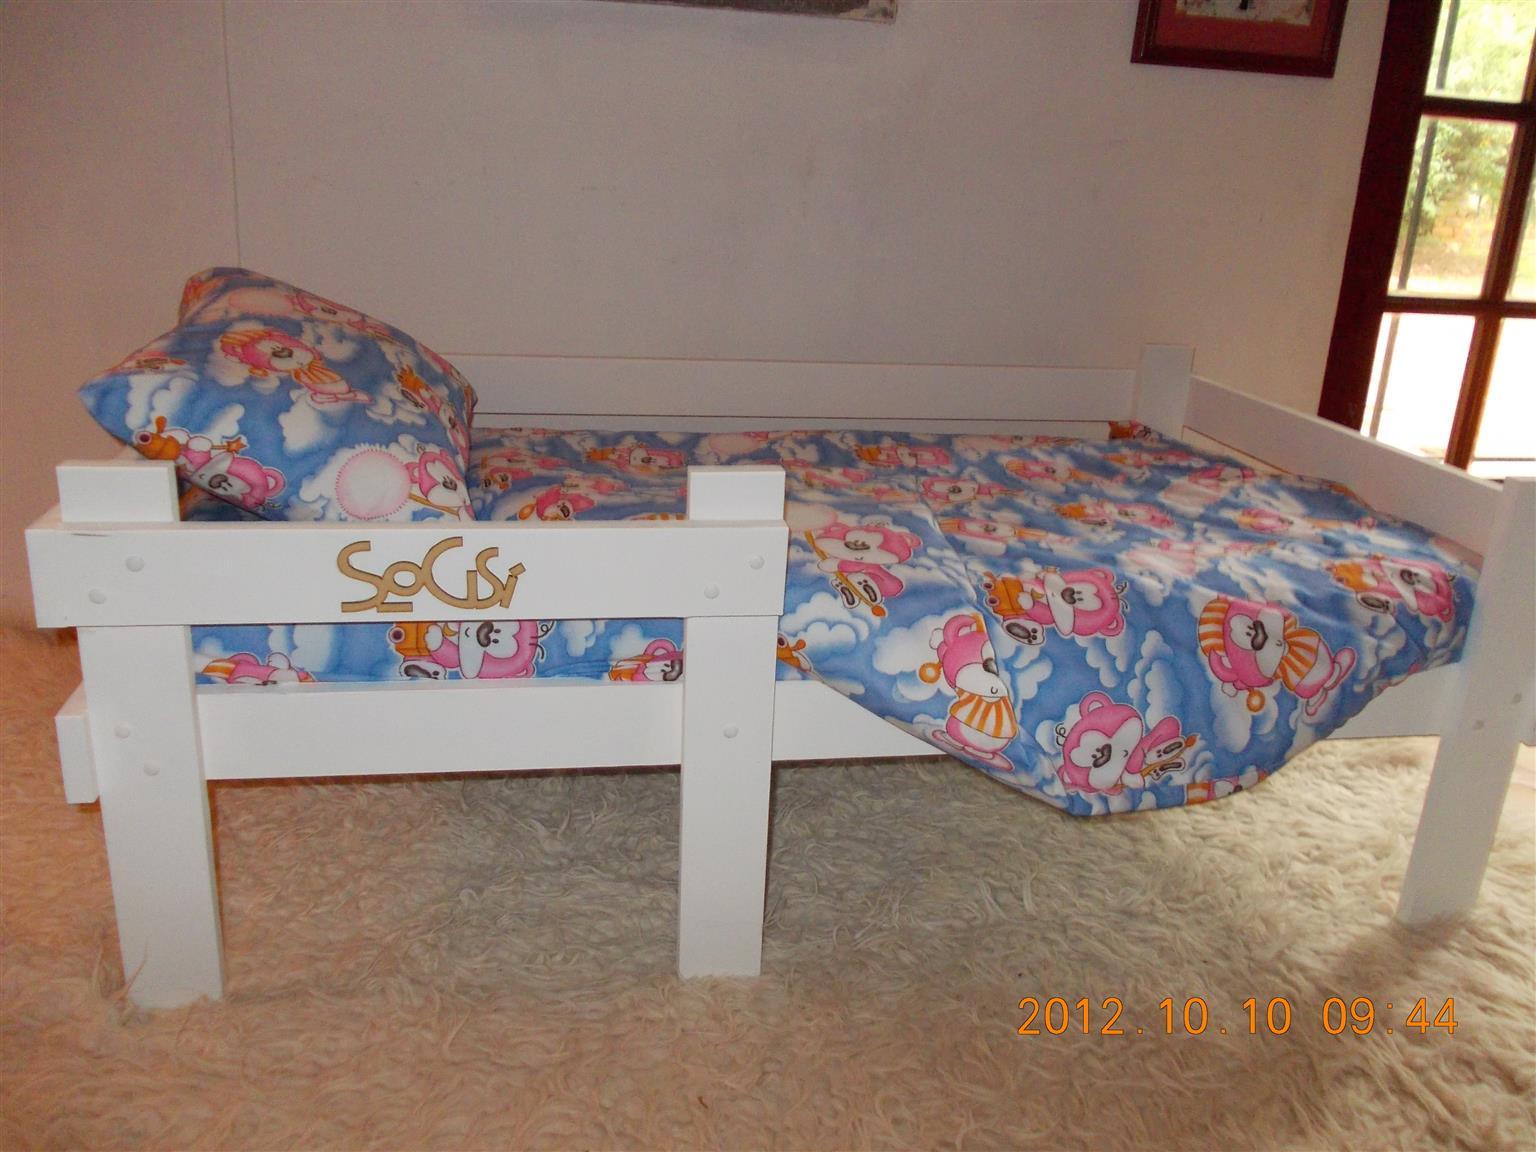 SoGsi Toddler Beds